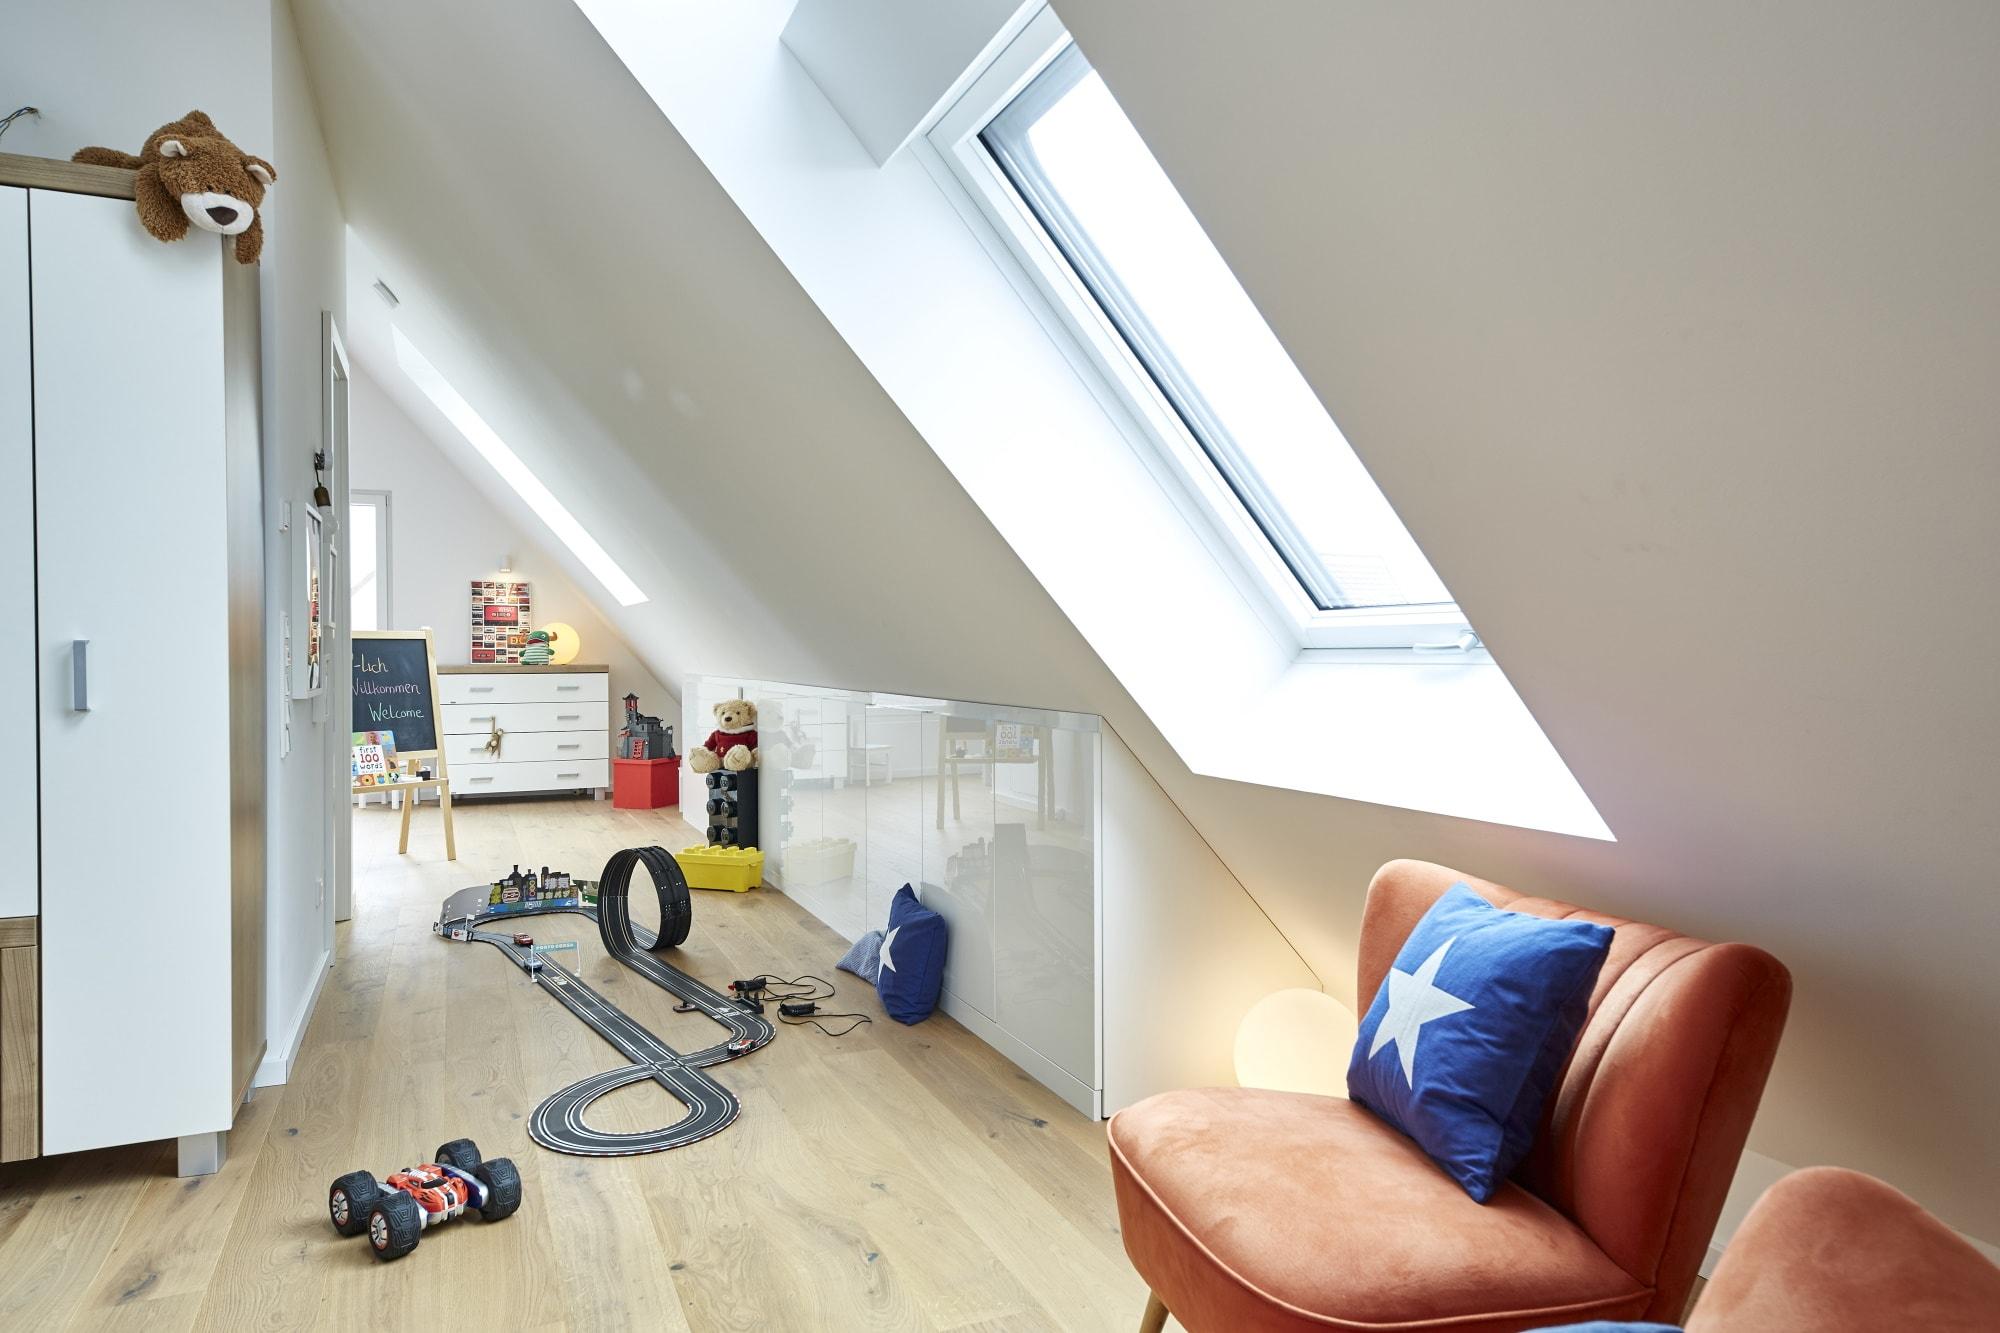 Kinderzimmer mit Dachschrägen im ausgebautem Dachboden - Ideen Inneneinrichtung Haus Design Baufritz STADTHAUS EHRMANN - HausbauDirekt.de